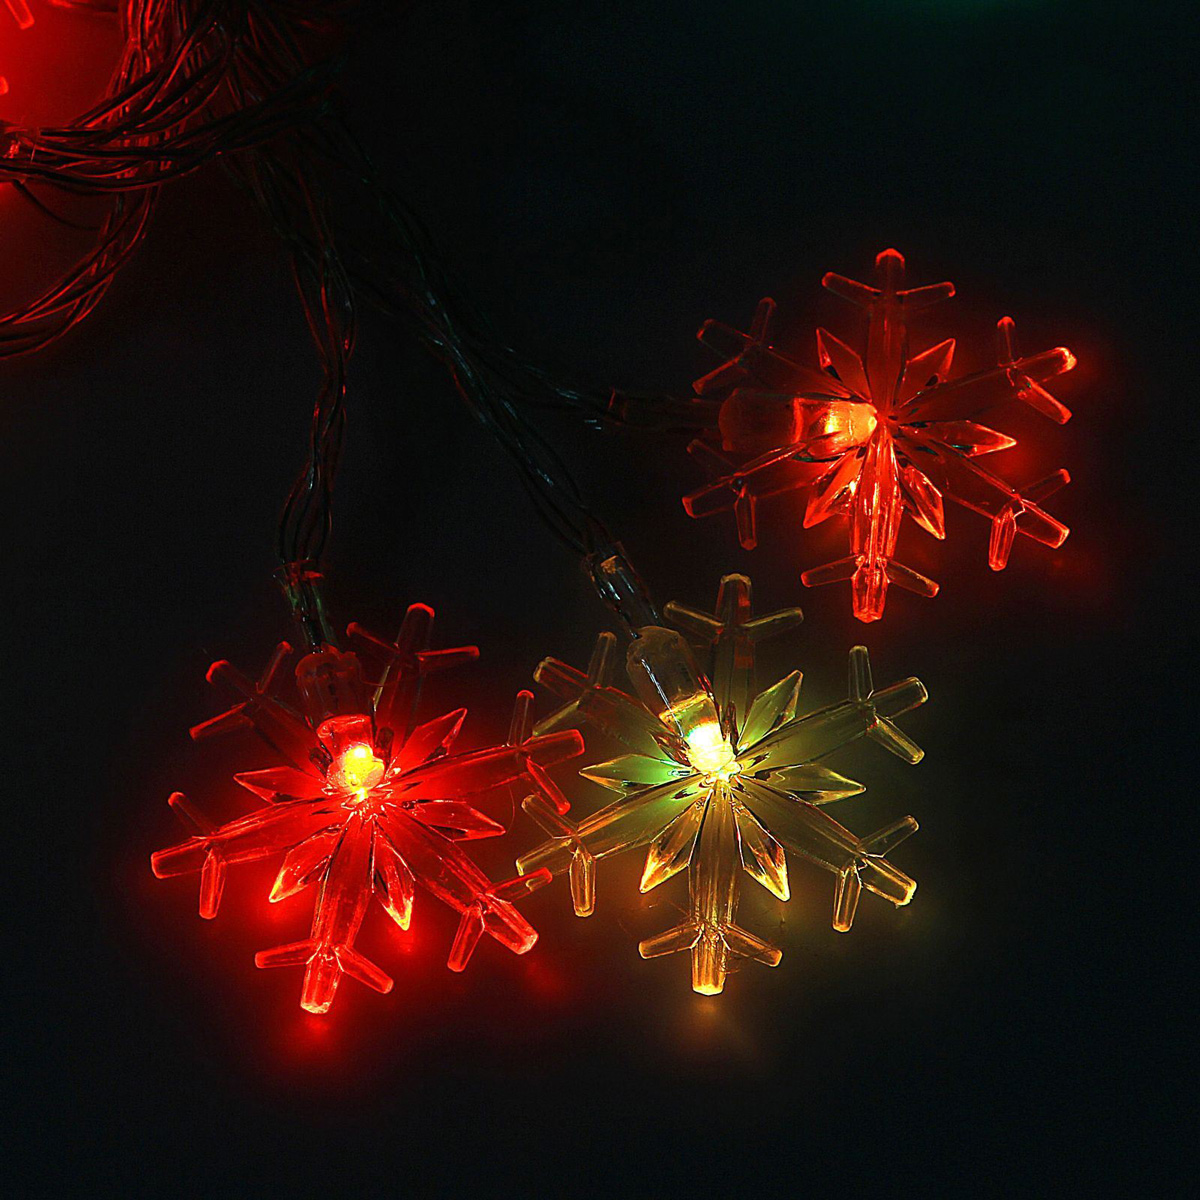 Гирлянда светодиодная Luazon Метраж. Снежинки большие, 20 ламп, 3,6 V, длина 3 м1080364Светодиодные гирлянды и ленты — это отличный вариант для новогоднего оформления интерьера или фасада. С их помощью помещение любого размера можно превратить в праздничный зал, а внешние элементы зданий, украшенные ими, мгновенно станут напоминать очертания сказочного дворца. Такие украшения создают ауру предвкушения чуда. Деревья, фасады, витрины, окна и арки будто специально созданы, чтобы вы украсили их светящимися нитями.